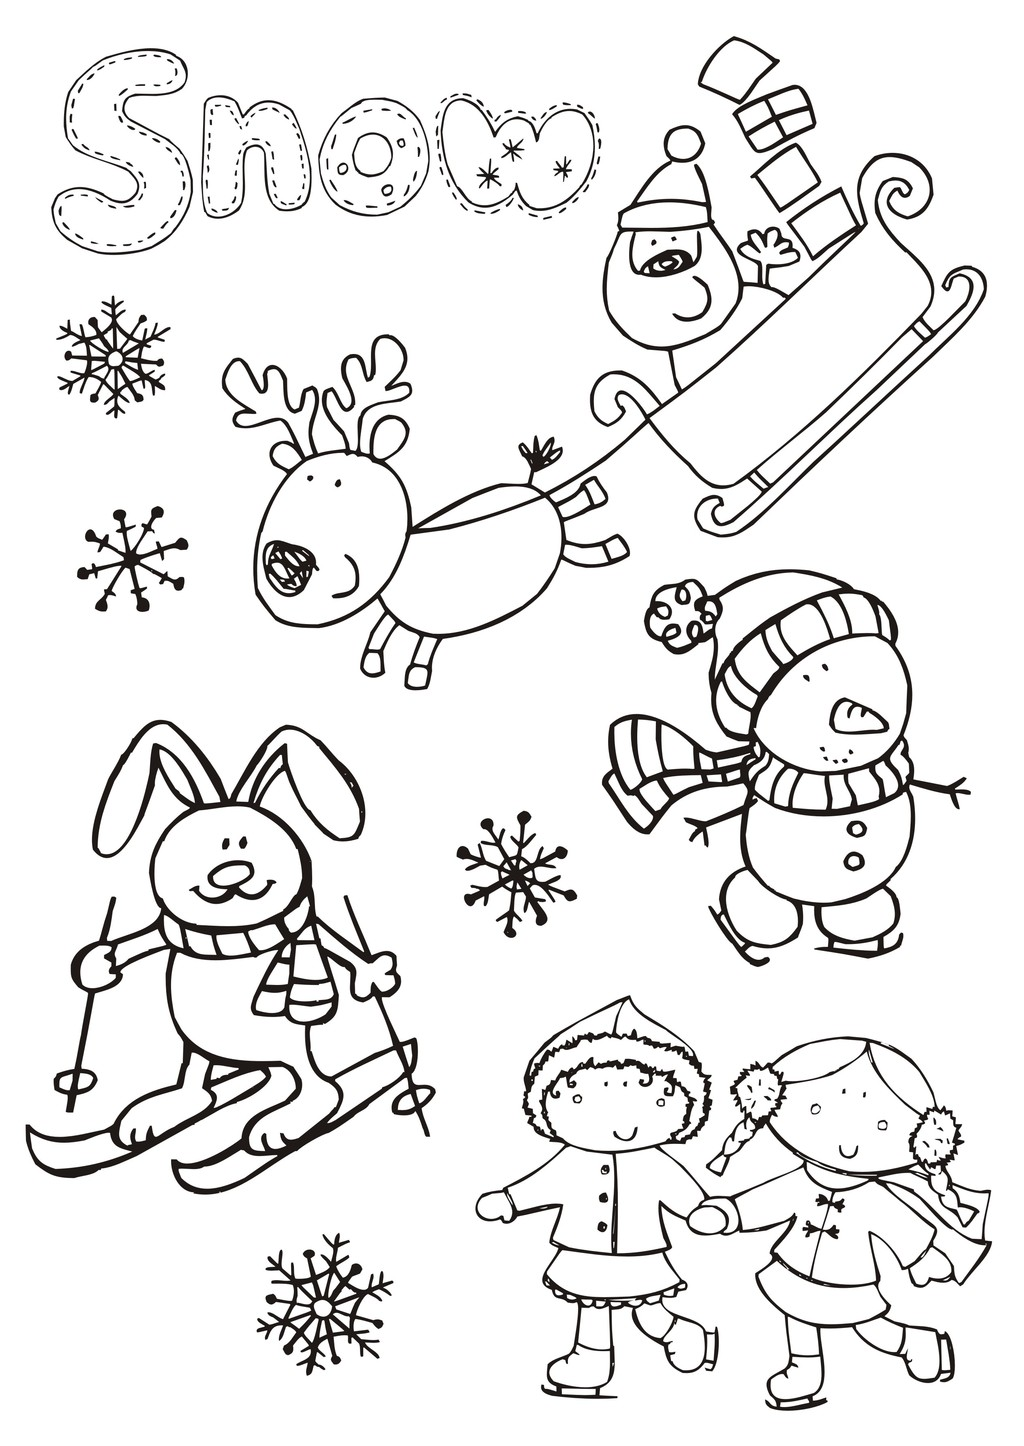 卡通动物简笔画圣诞节元素下载 卡通动物简笔画圣诞节元素图片素材其